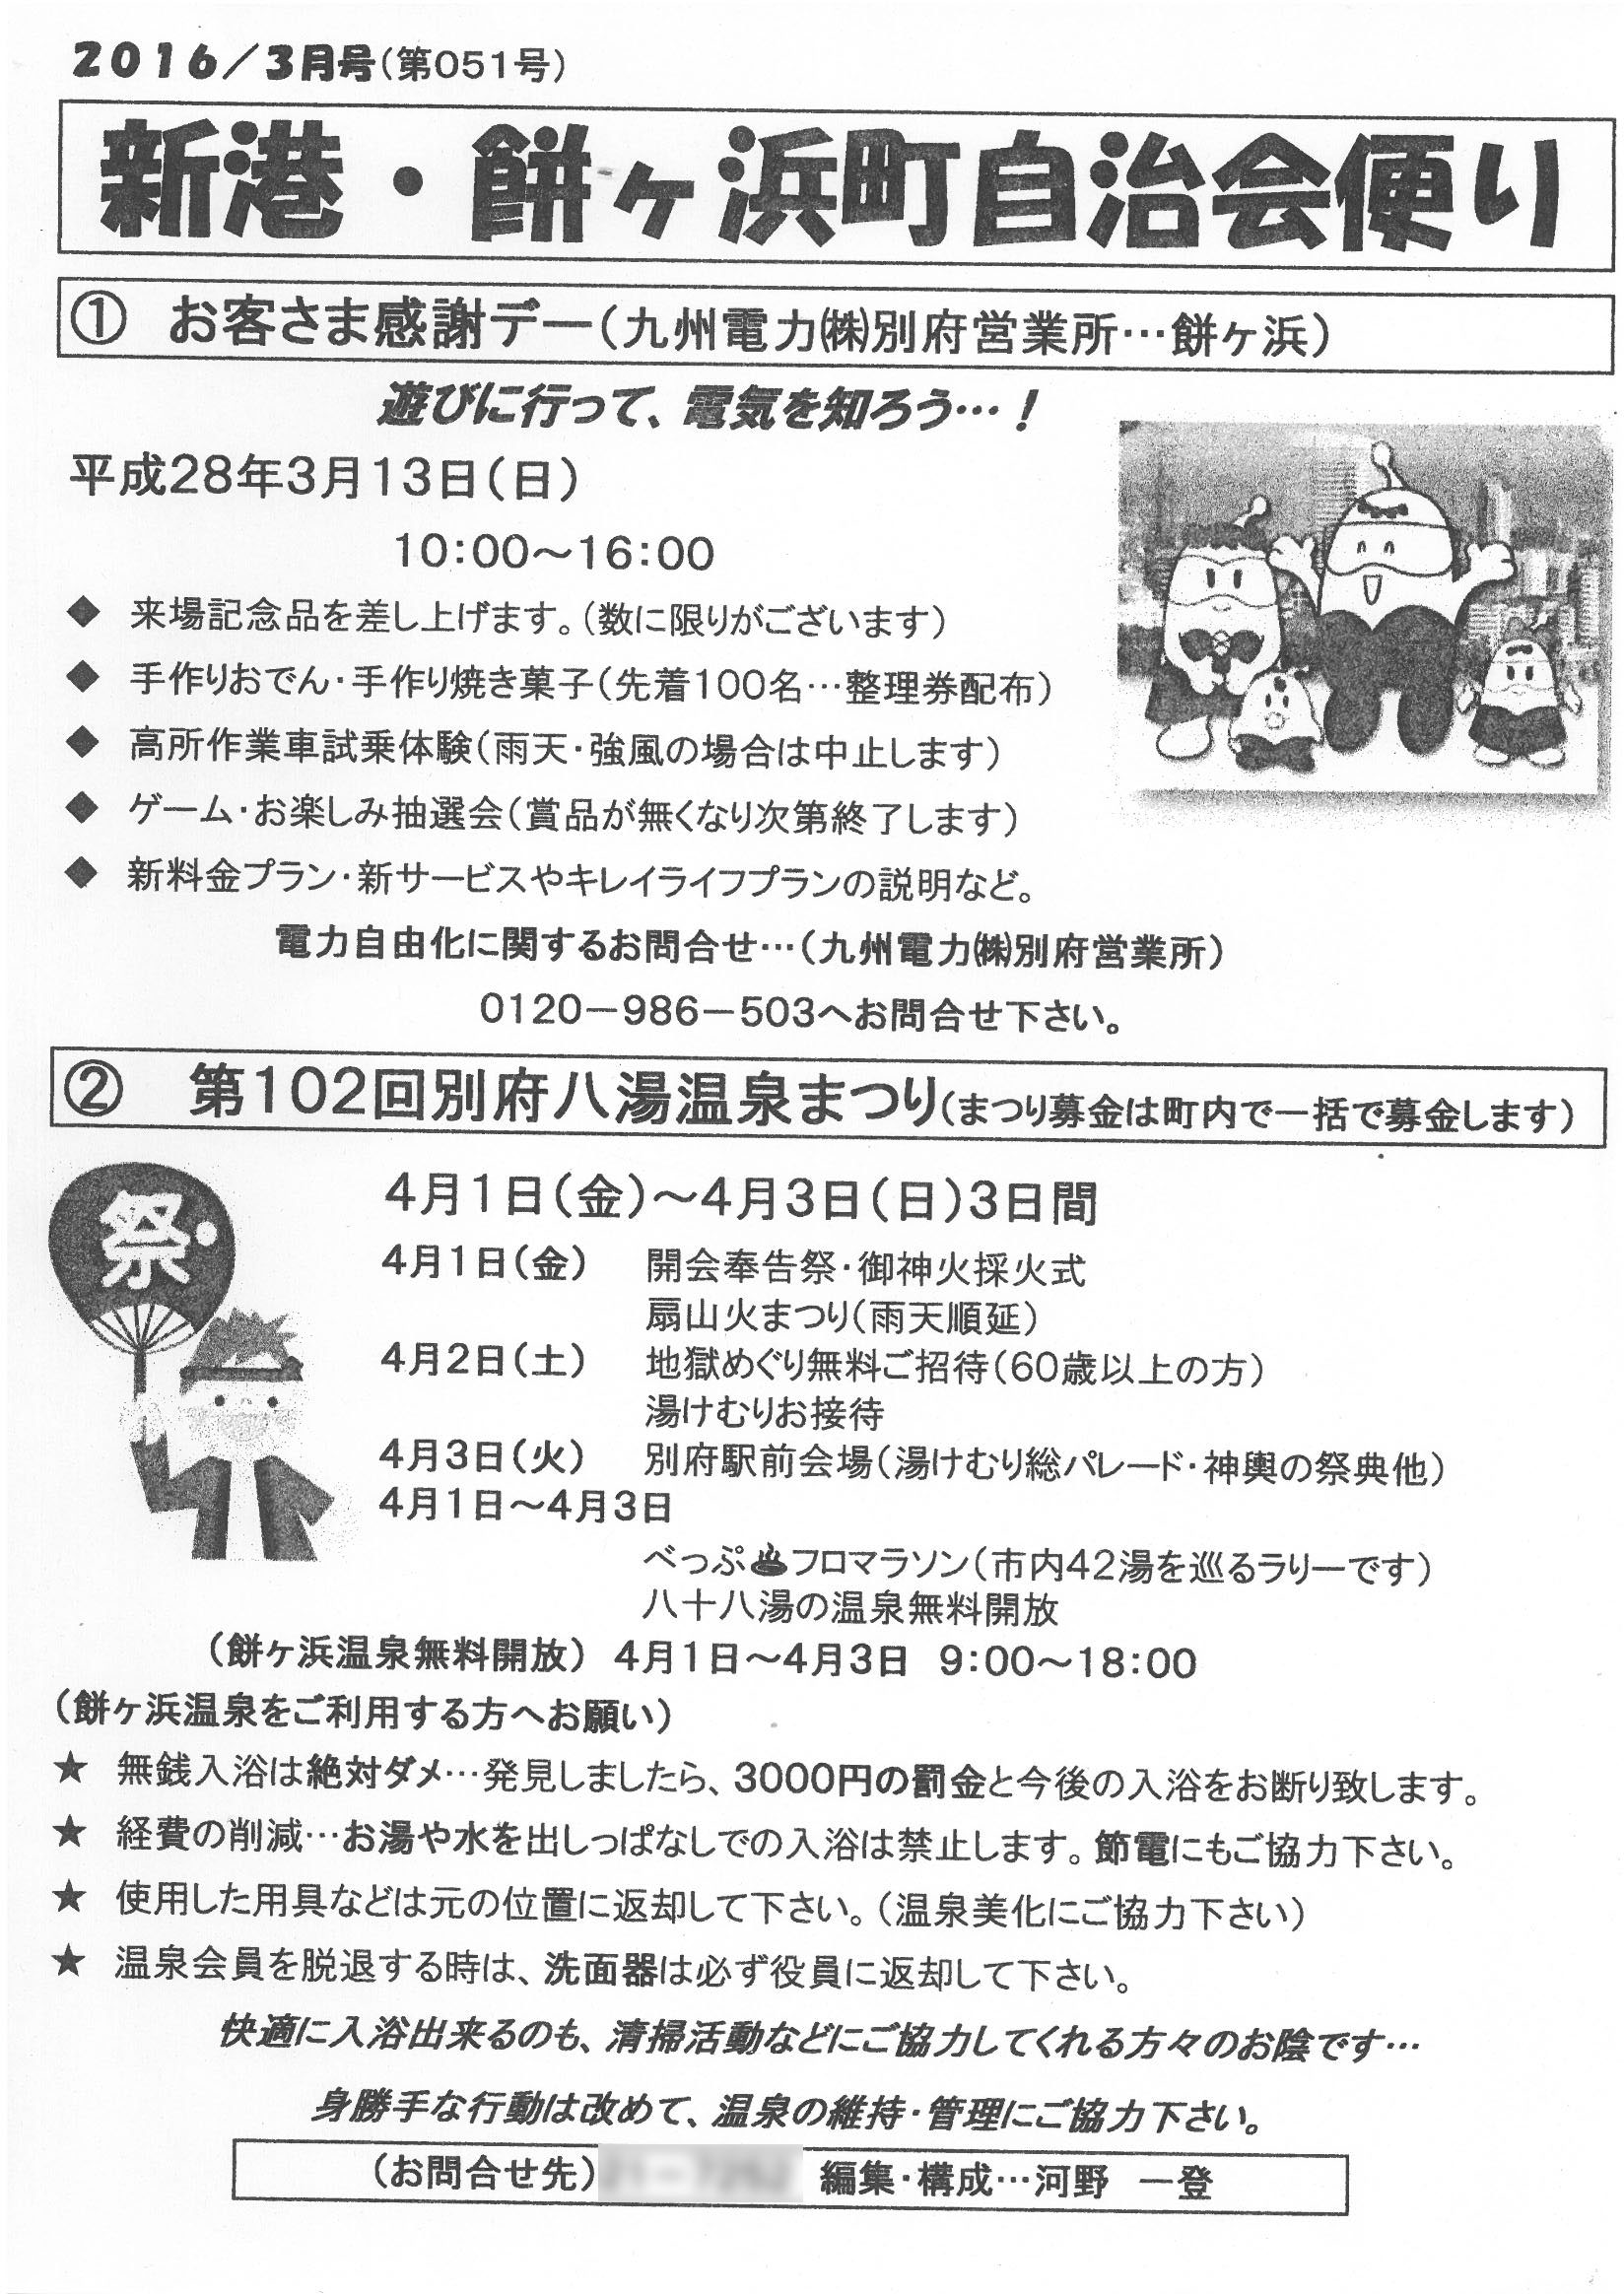 shinminatomotigahama2016_03